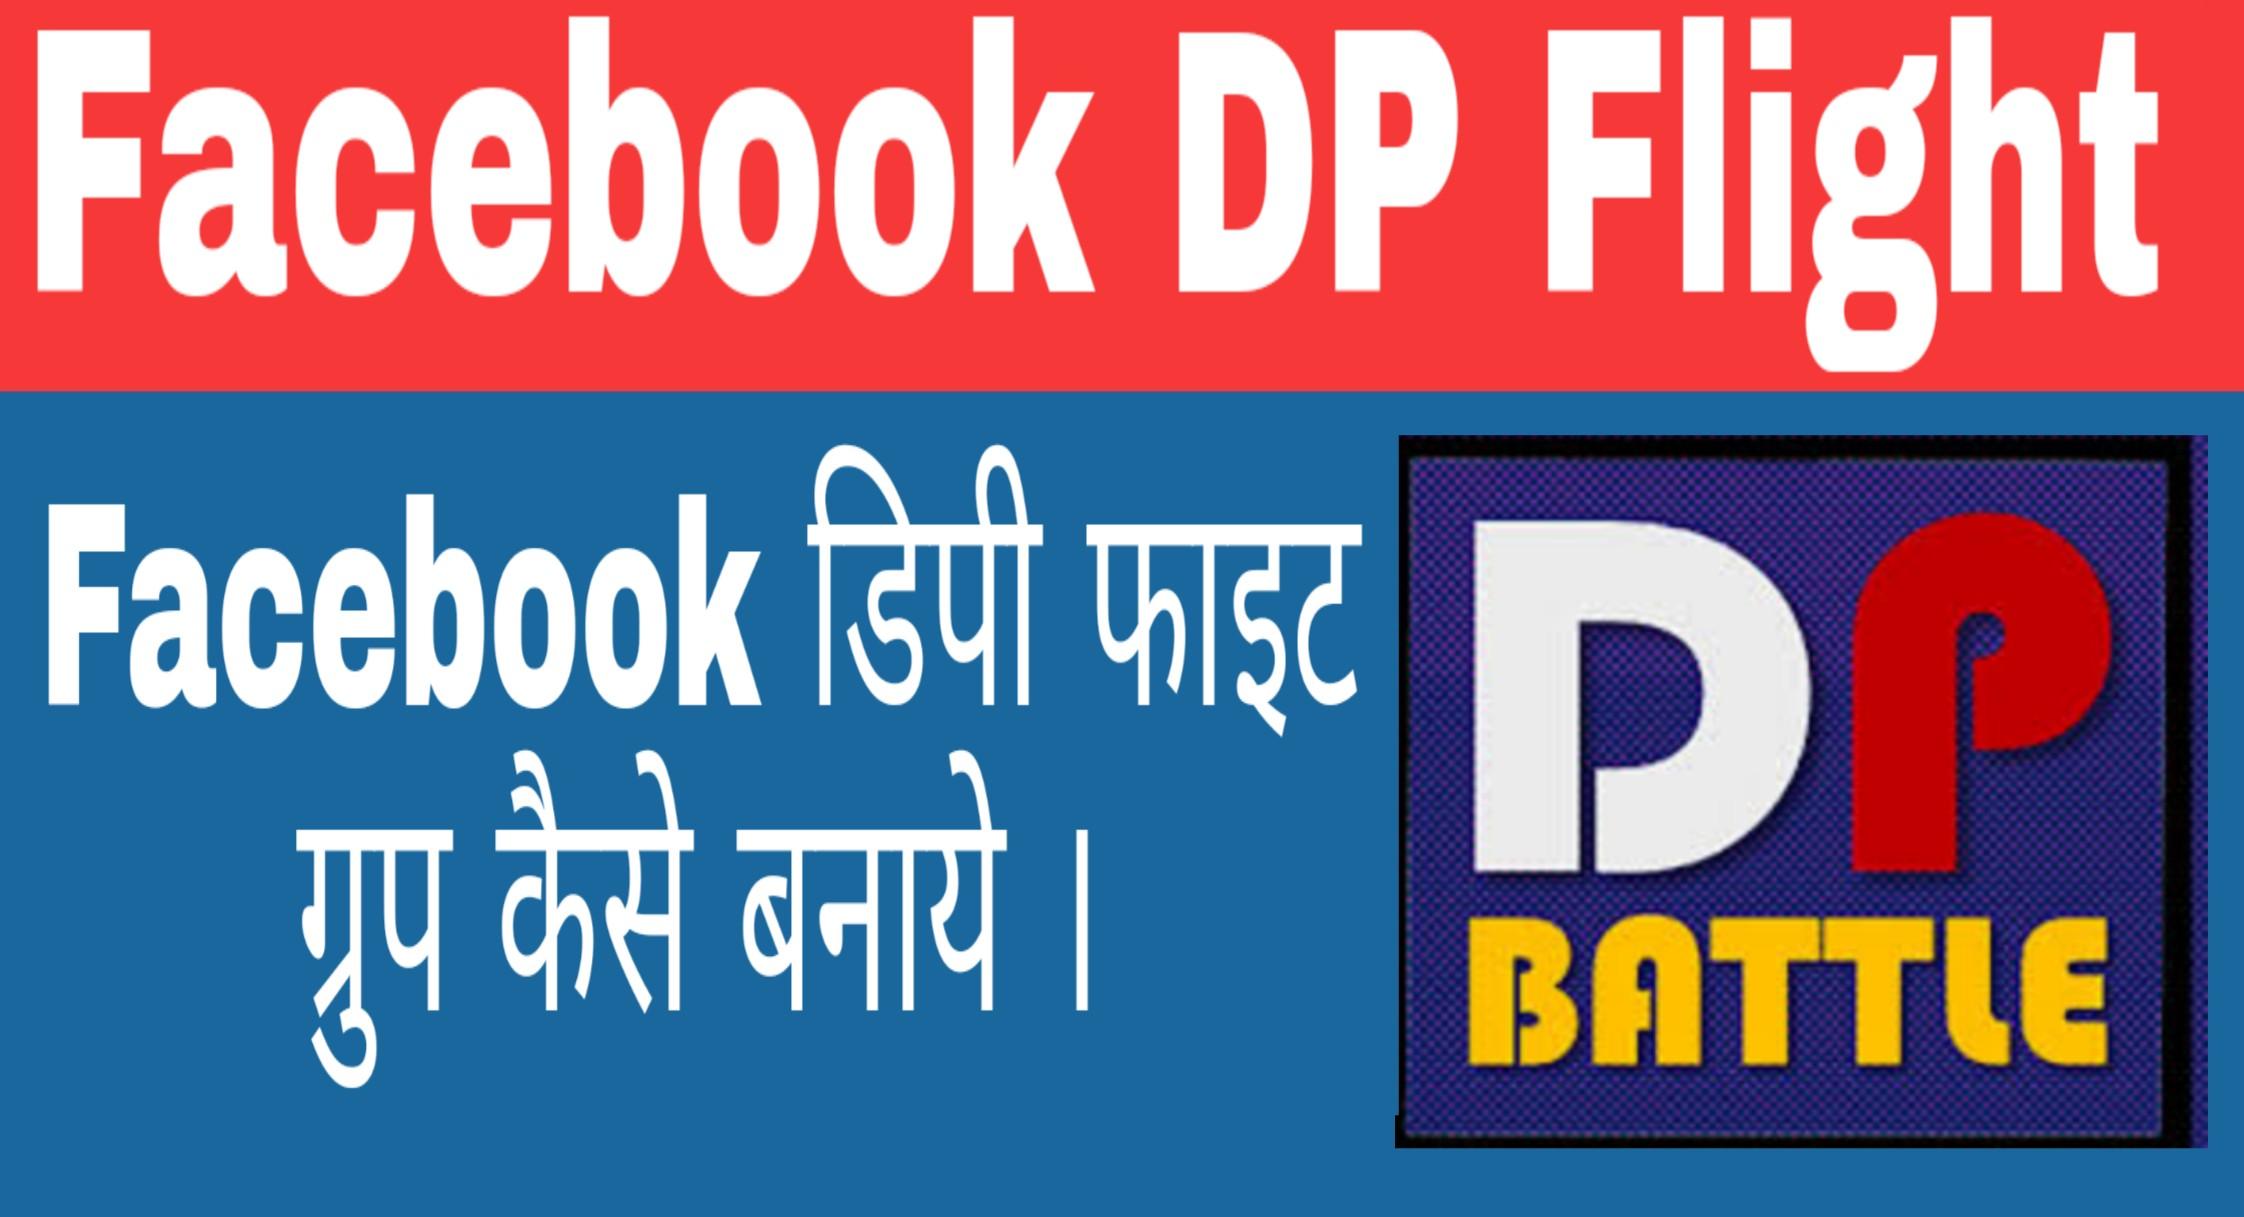 Facebook dp fight group kaise banaye